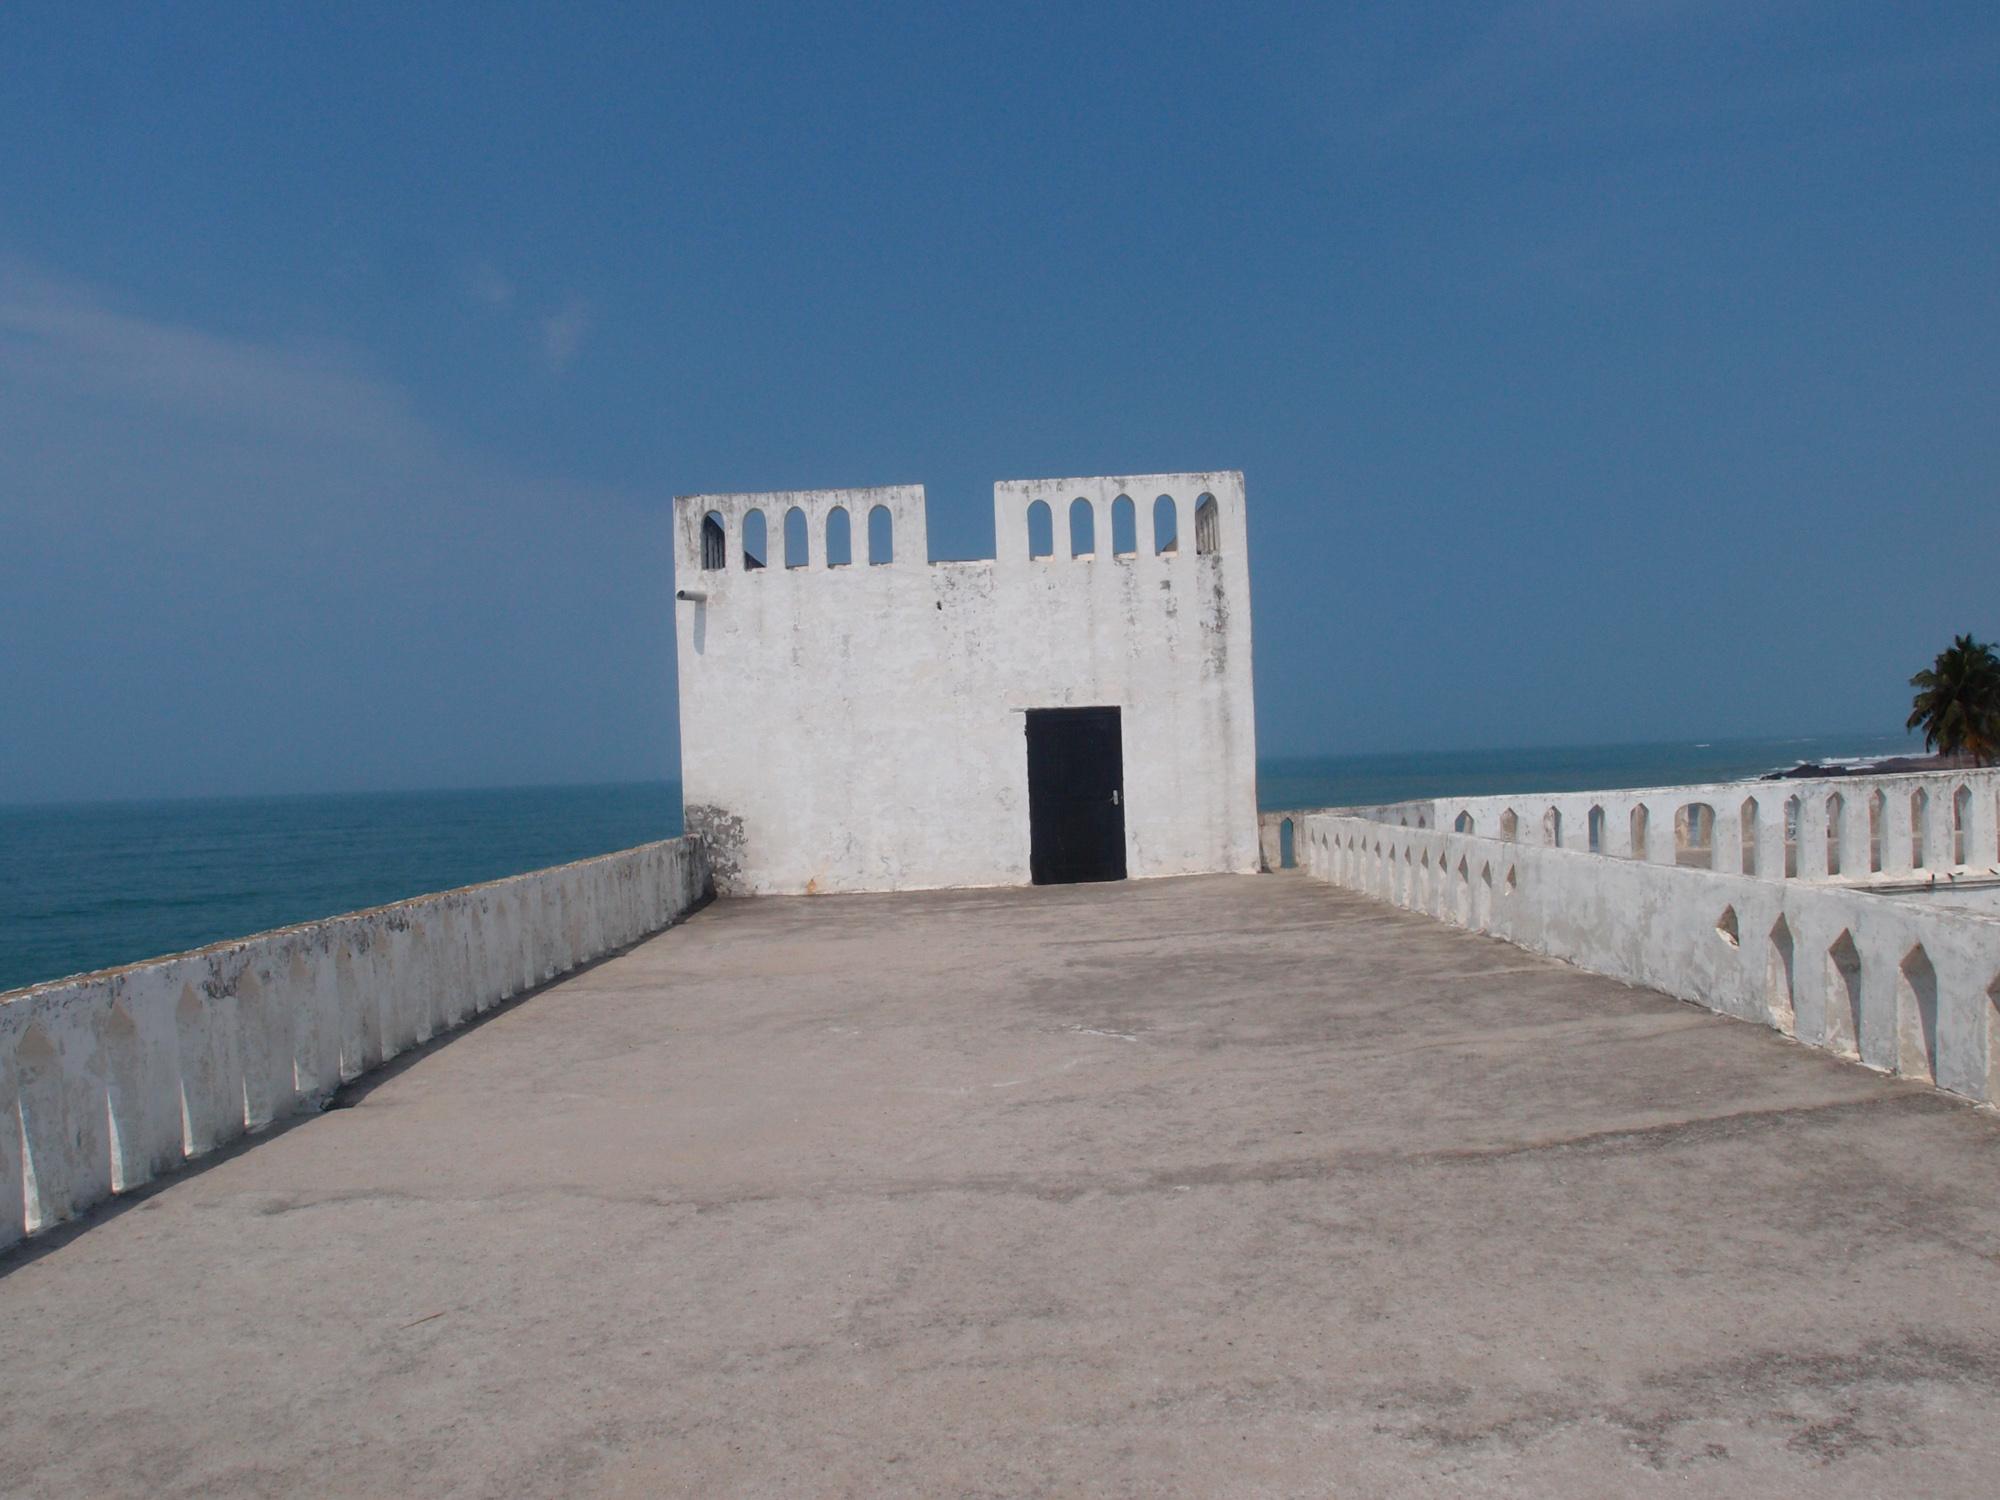 Ghana_Akkra_Elmina_Cape Coast-7